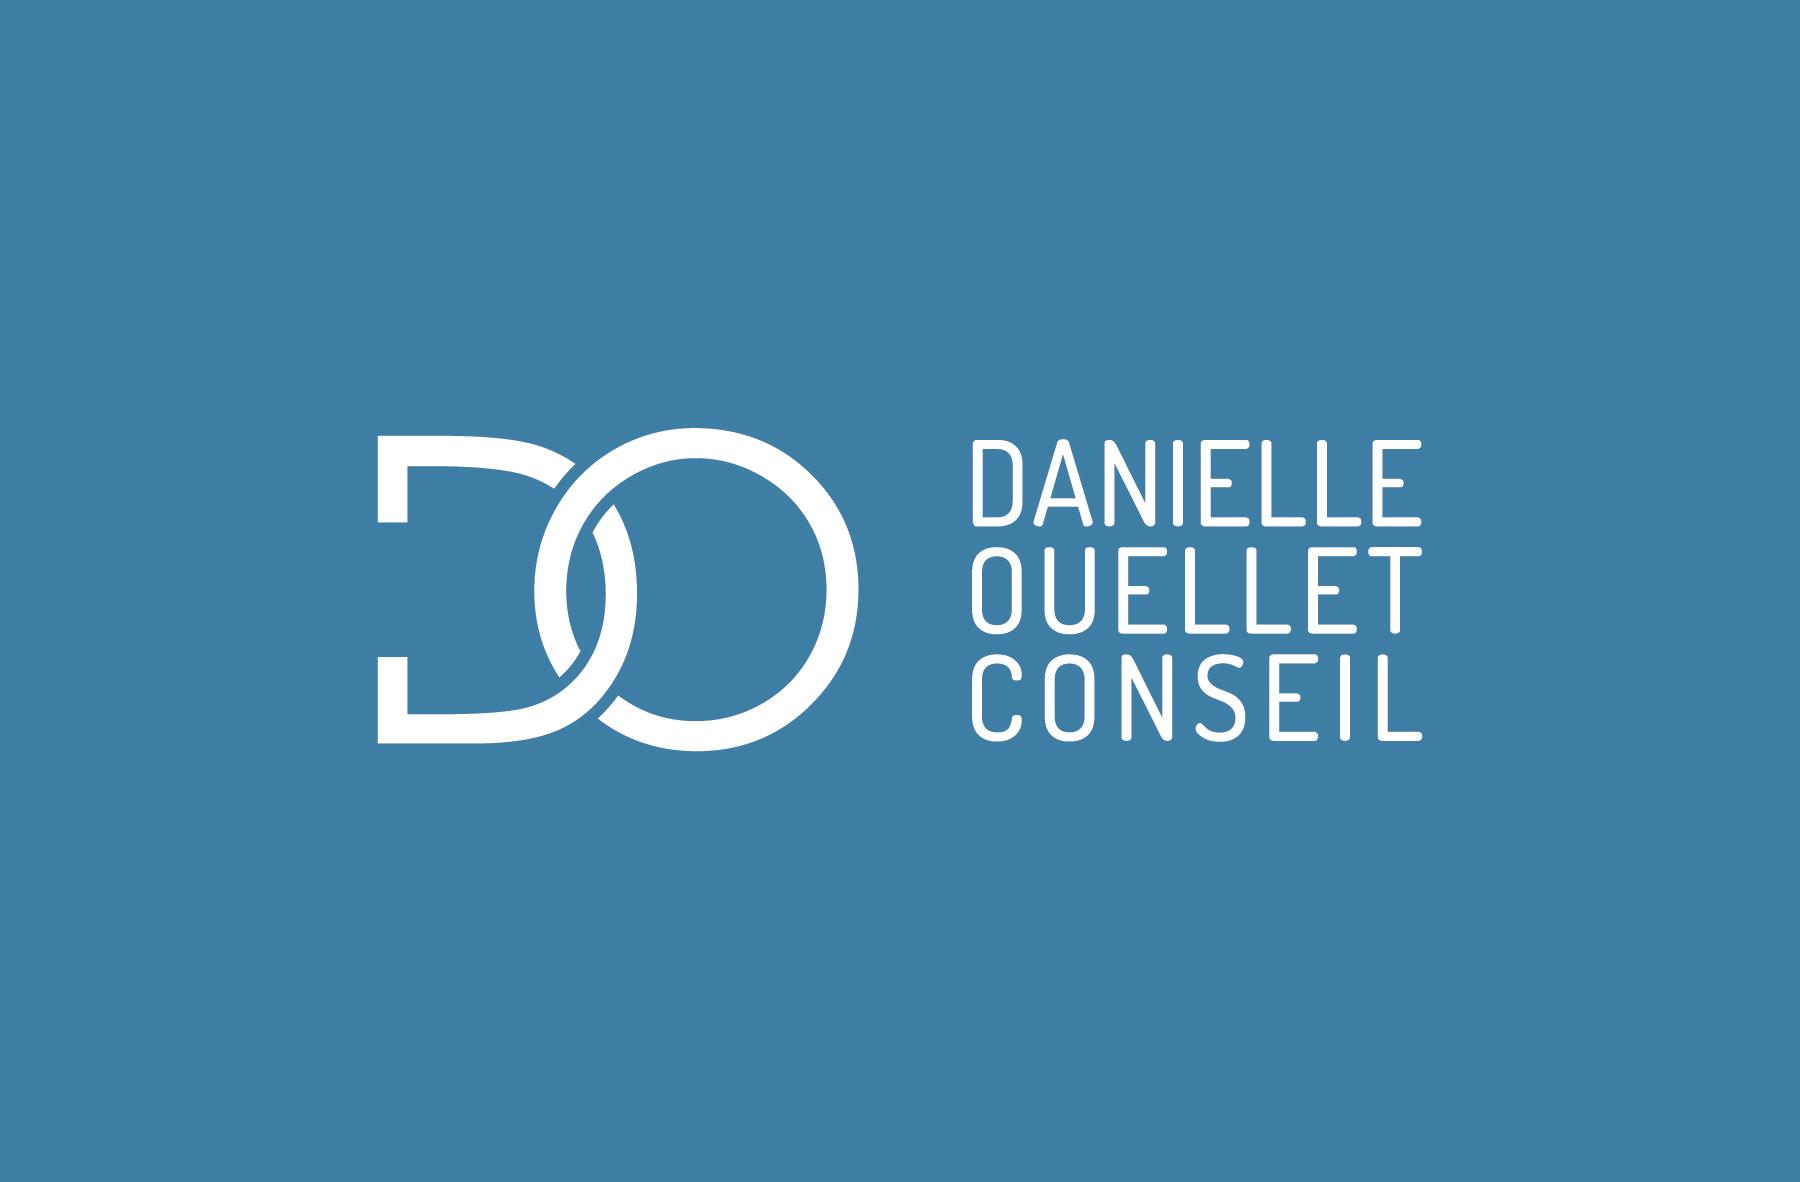 Danielle Ouellet conseil logo_2